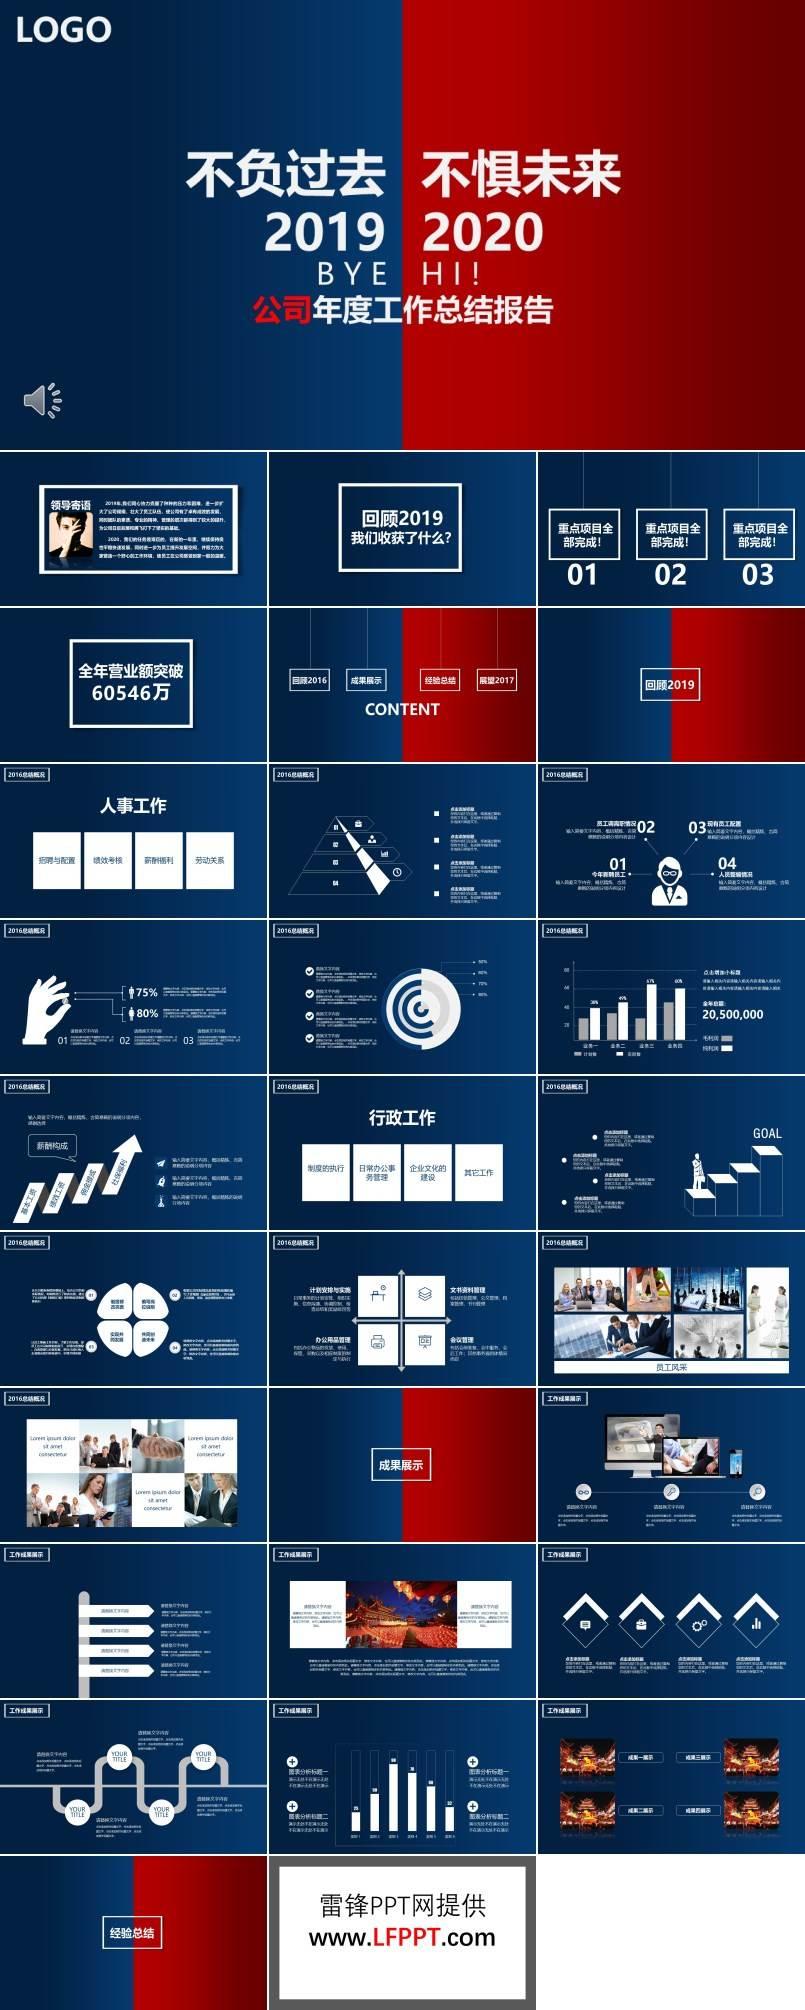 公司年度工作总结报告PPT模板